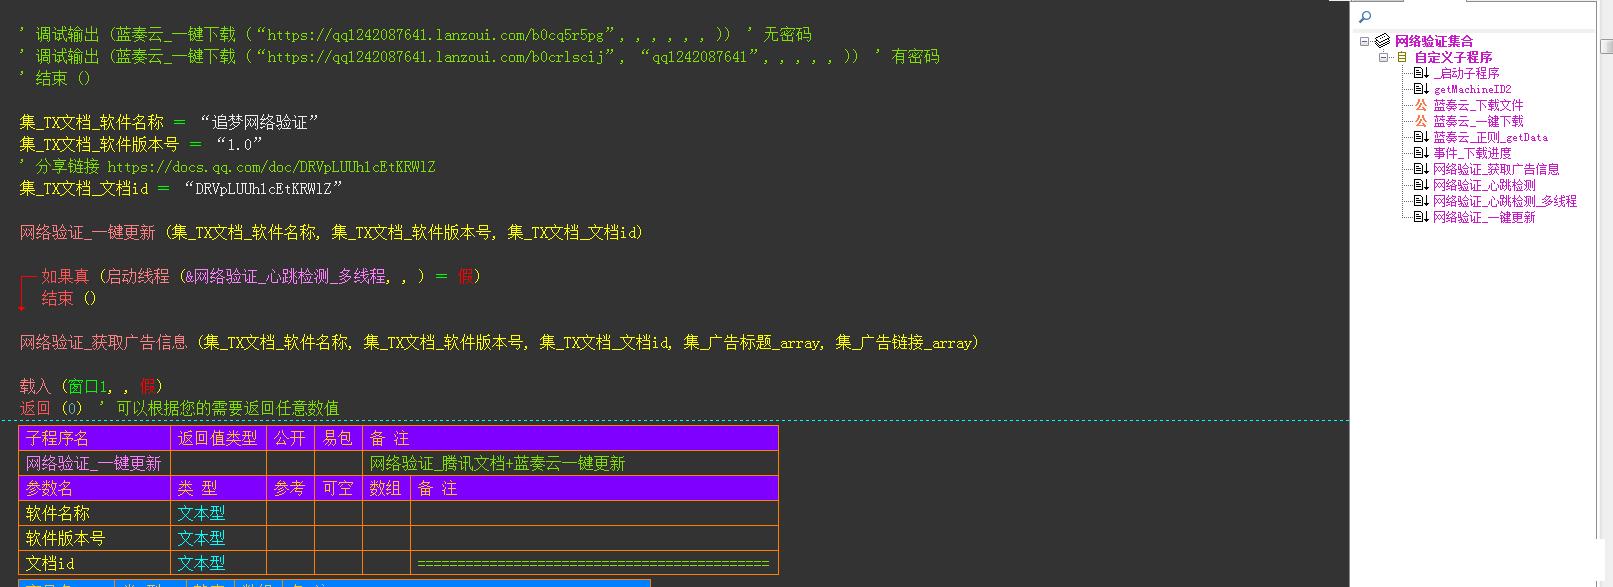 腾讯文档与蓝奏云实现网络验证+一键更新